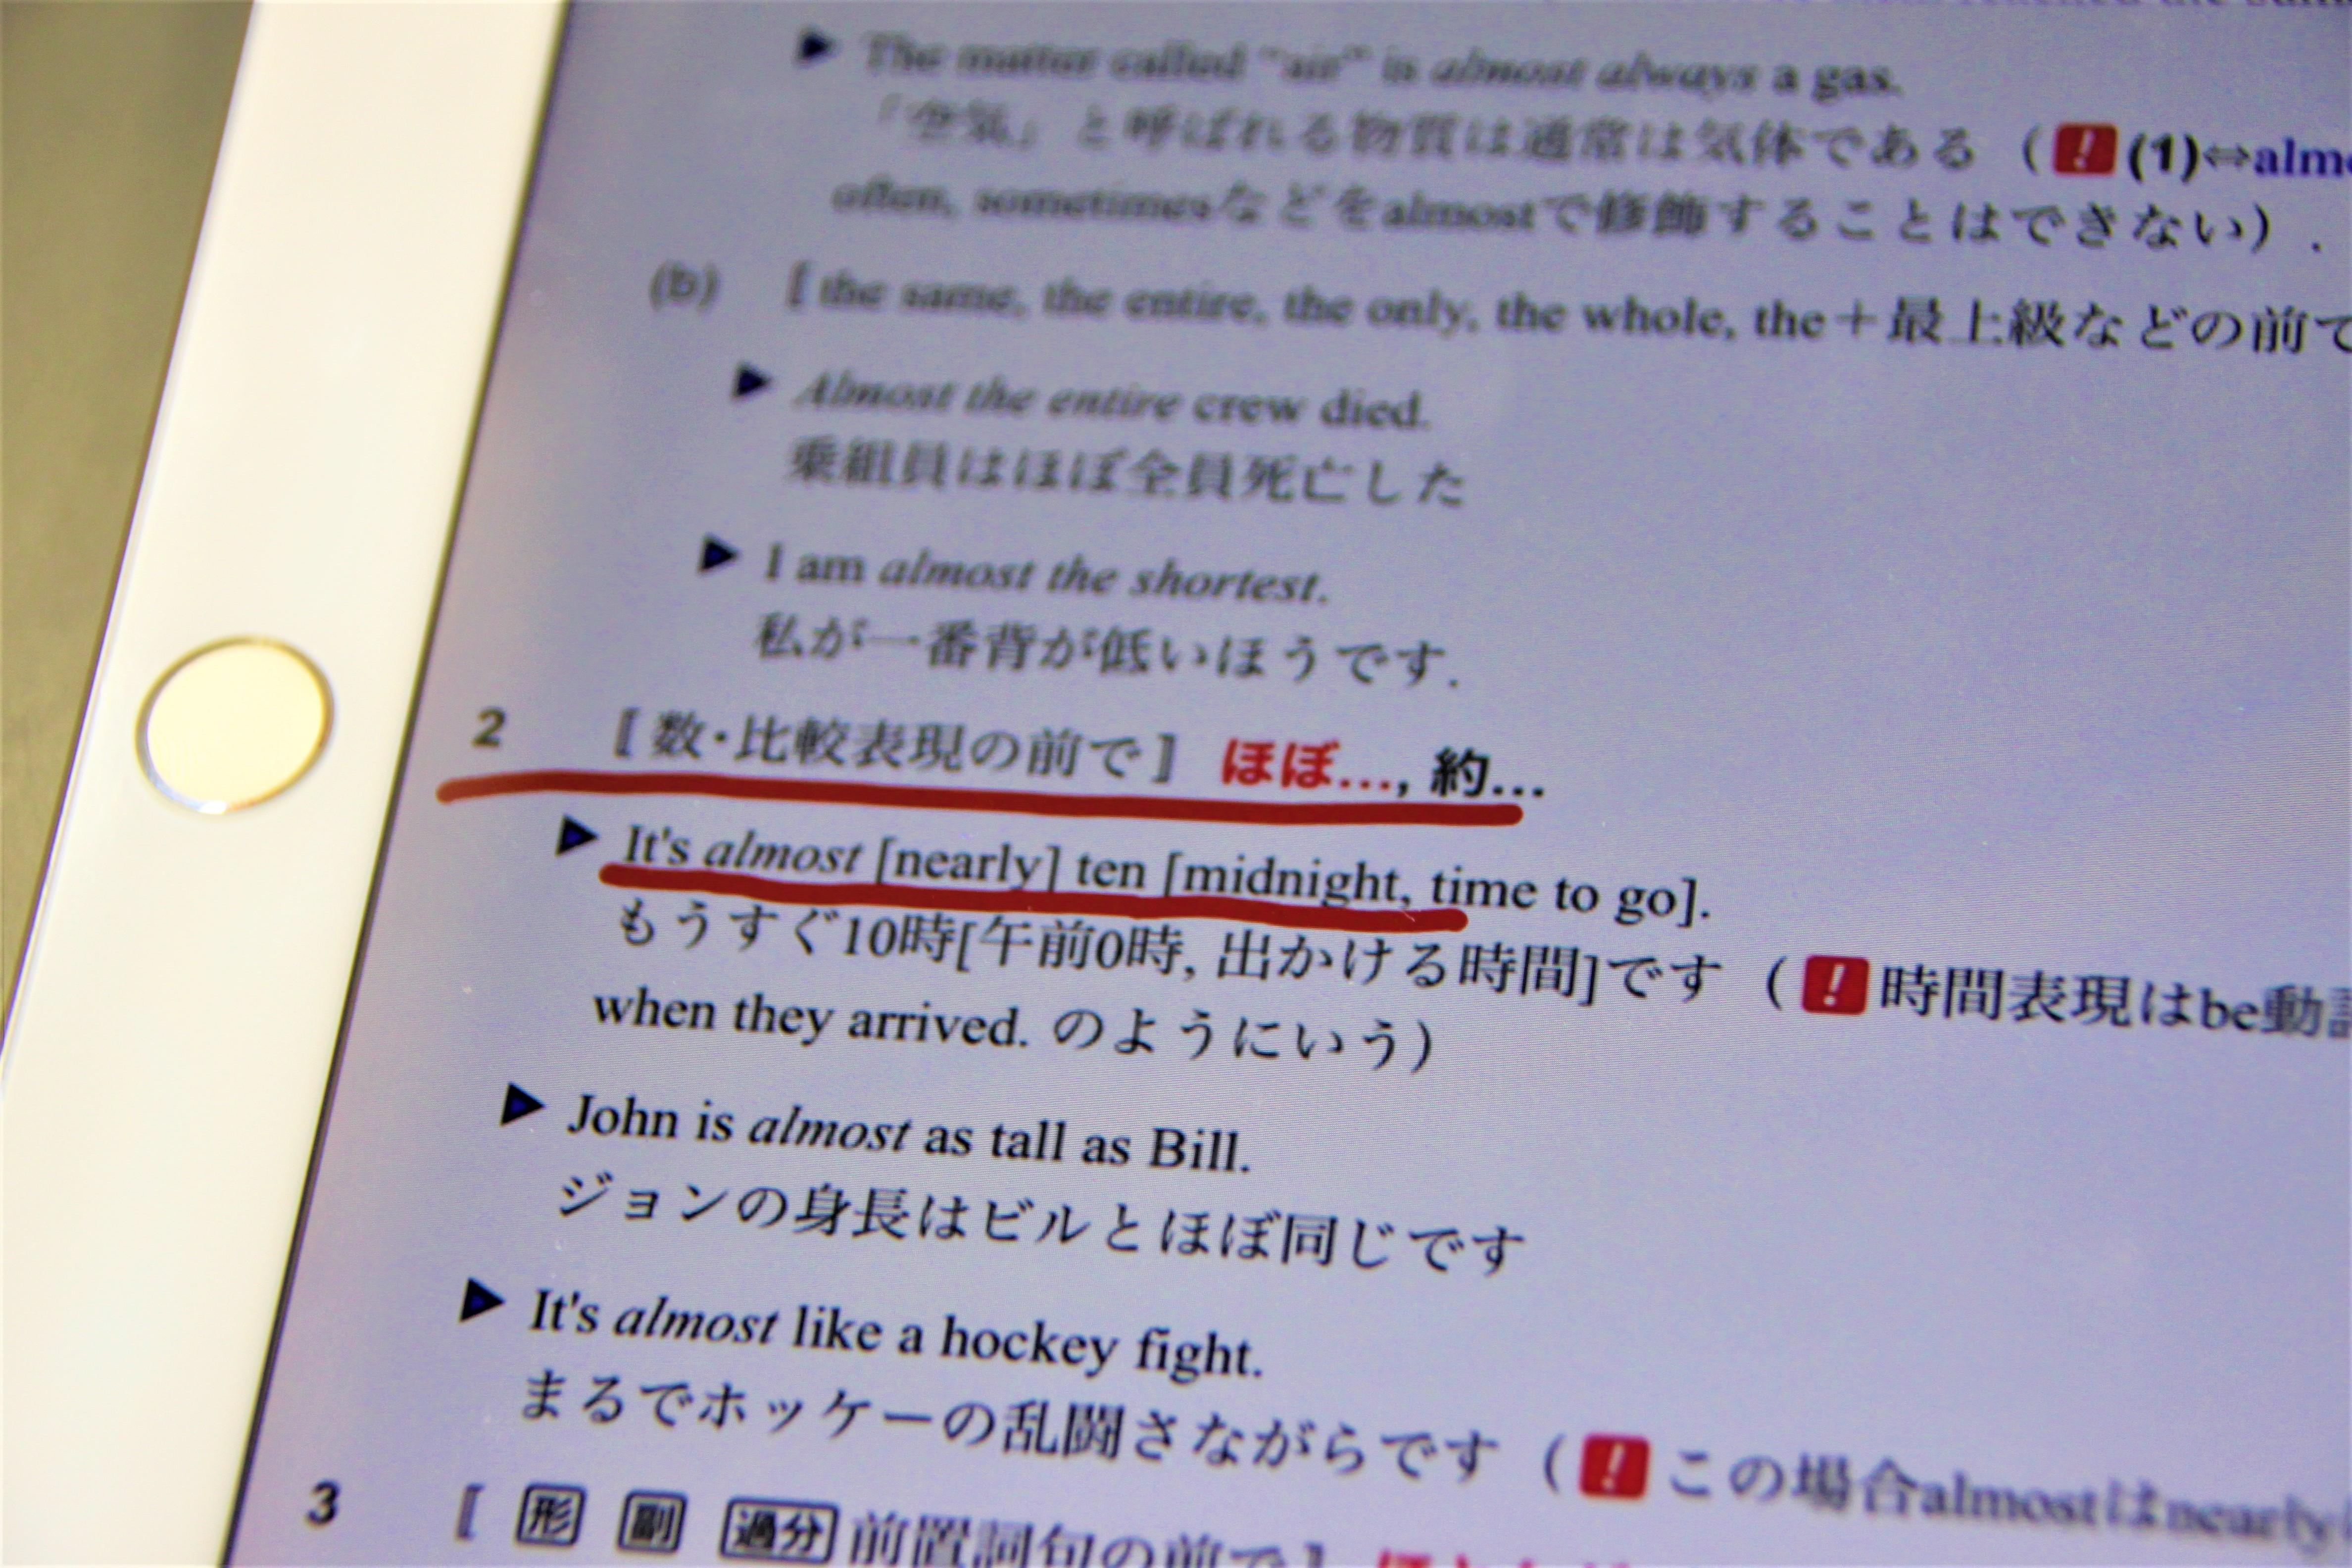 辞書内に直接書き込んで共有するなど、遠隔指導もしやすくなった